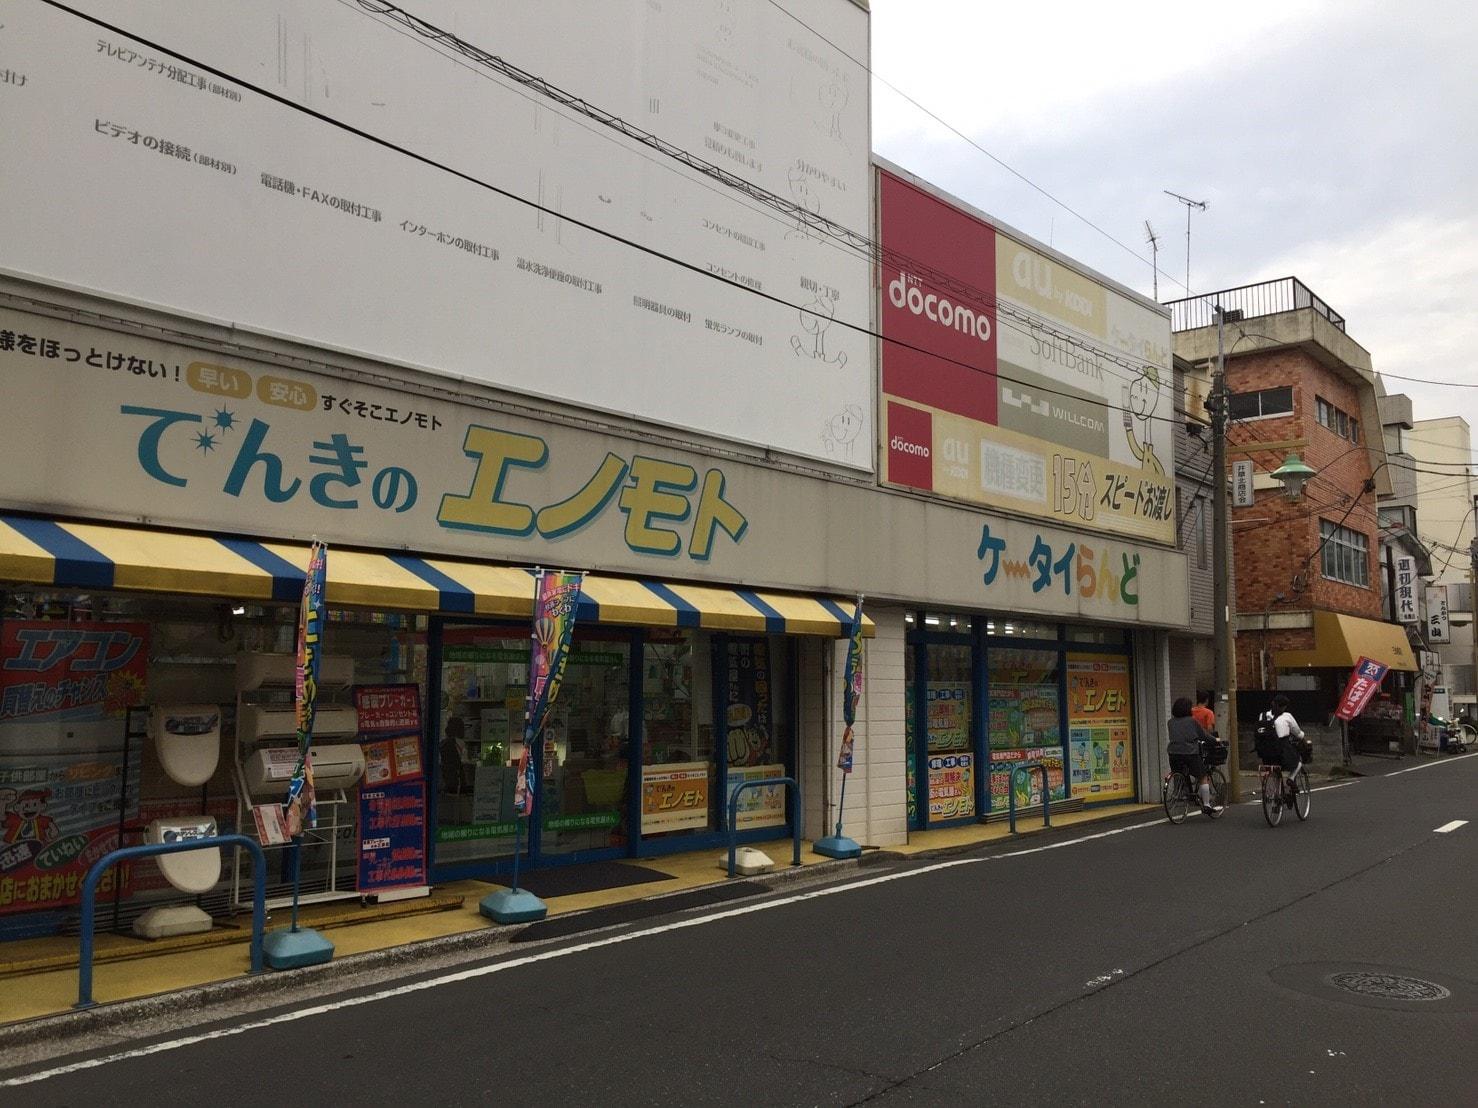 昔ながらの雰囲気がある商店